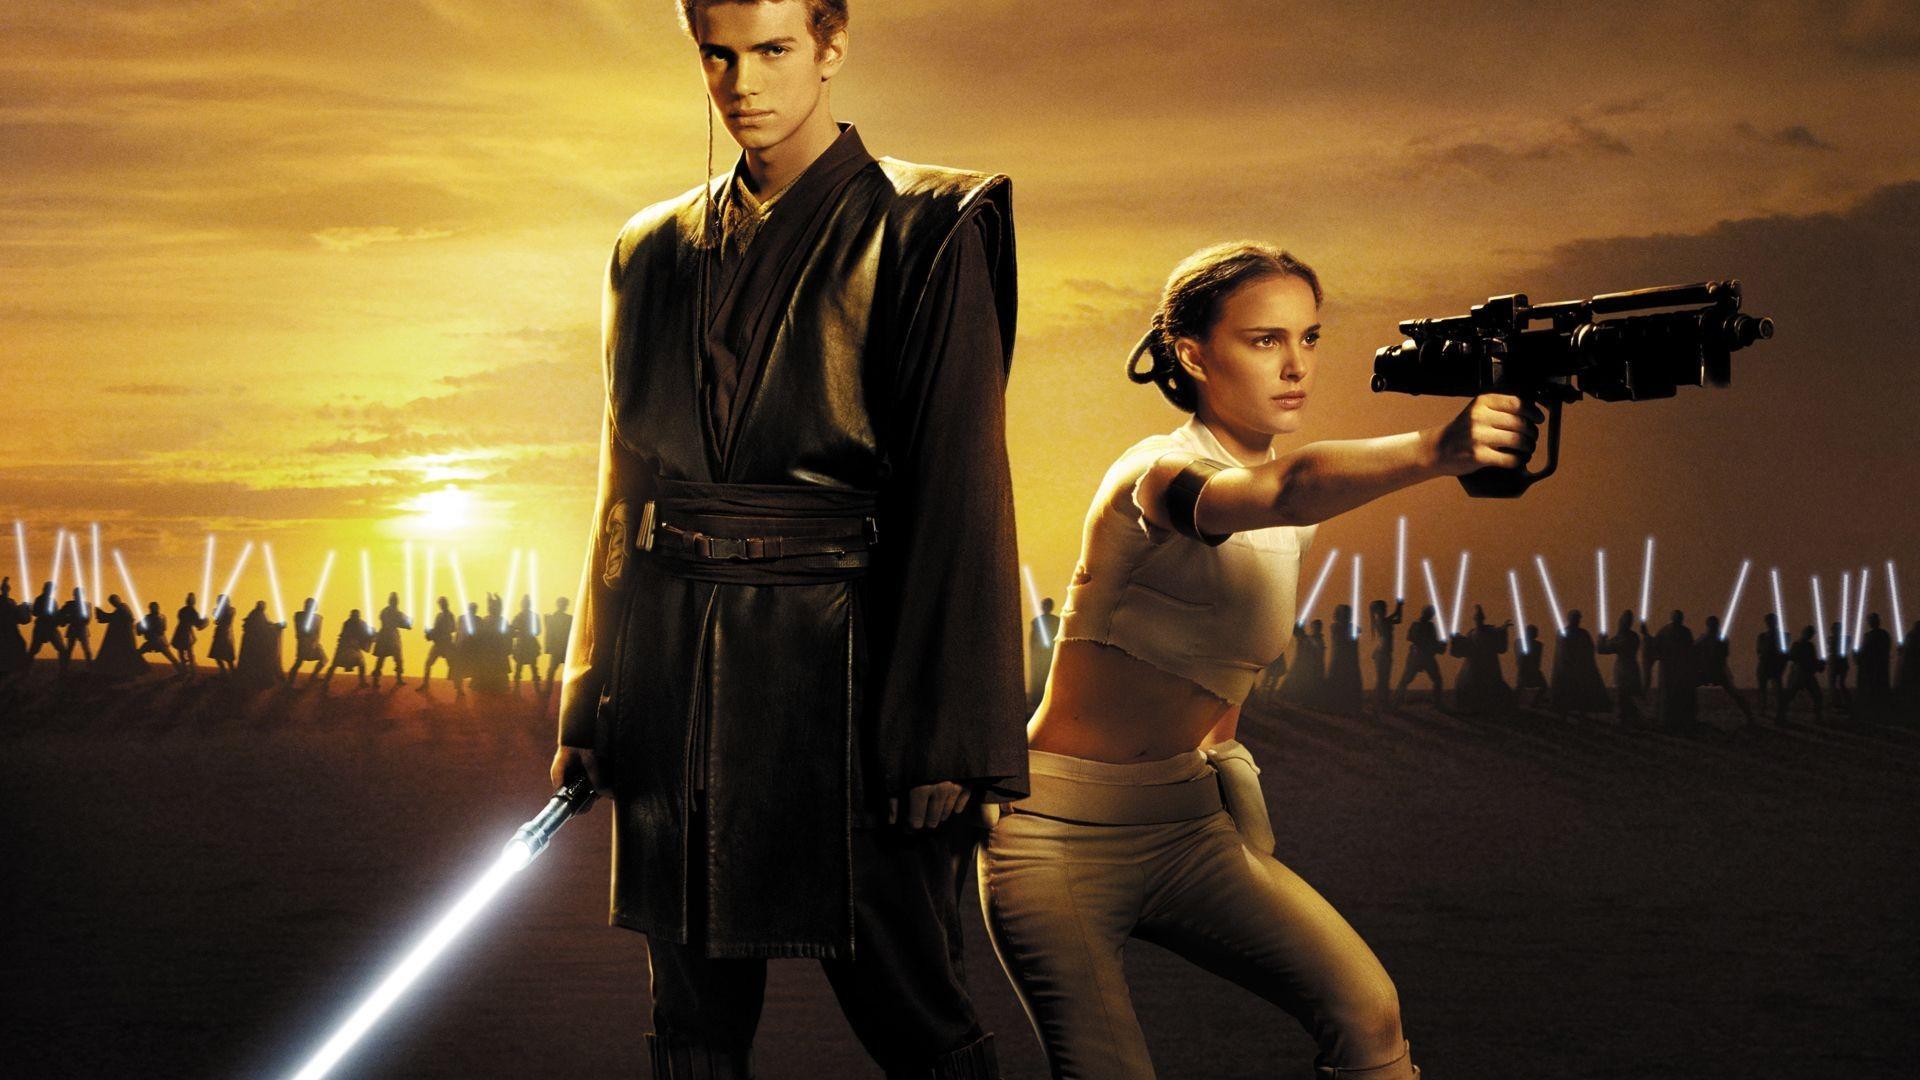 Star Wars: Episode II - Attack of the Clones, Star Wars II ...